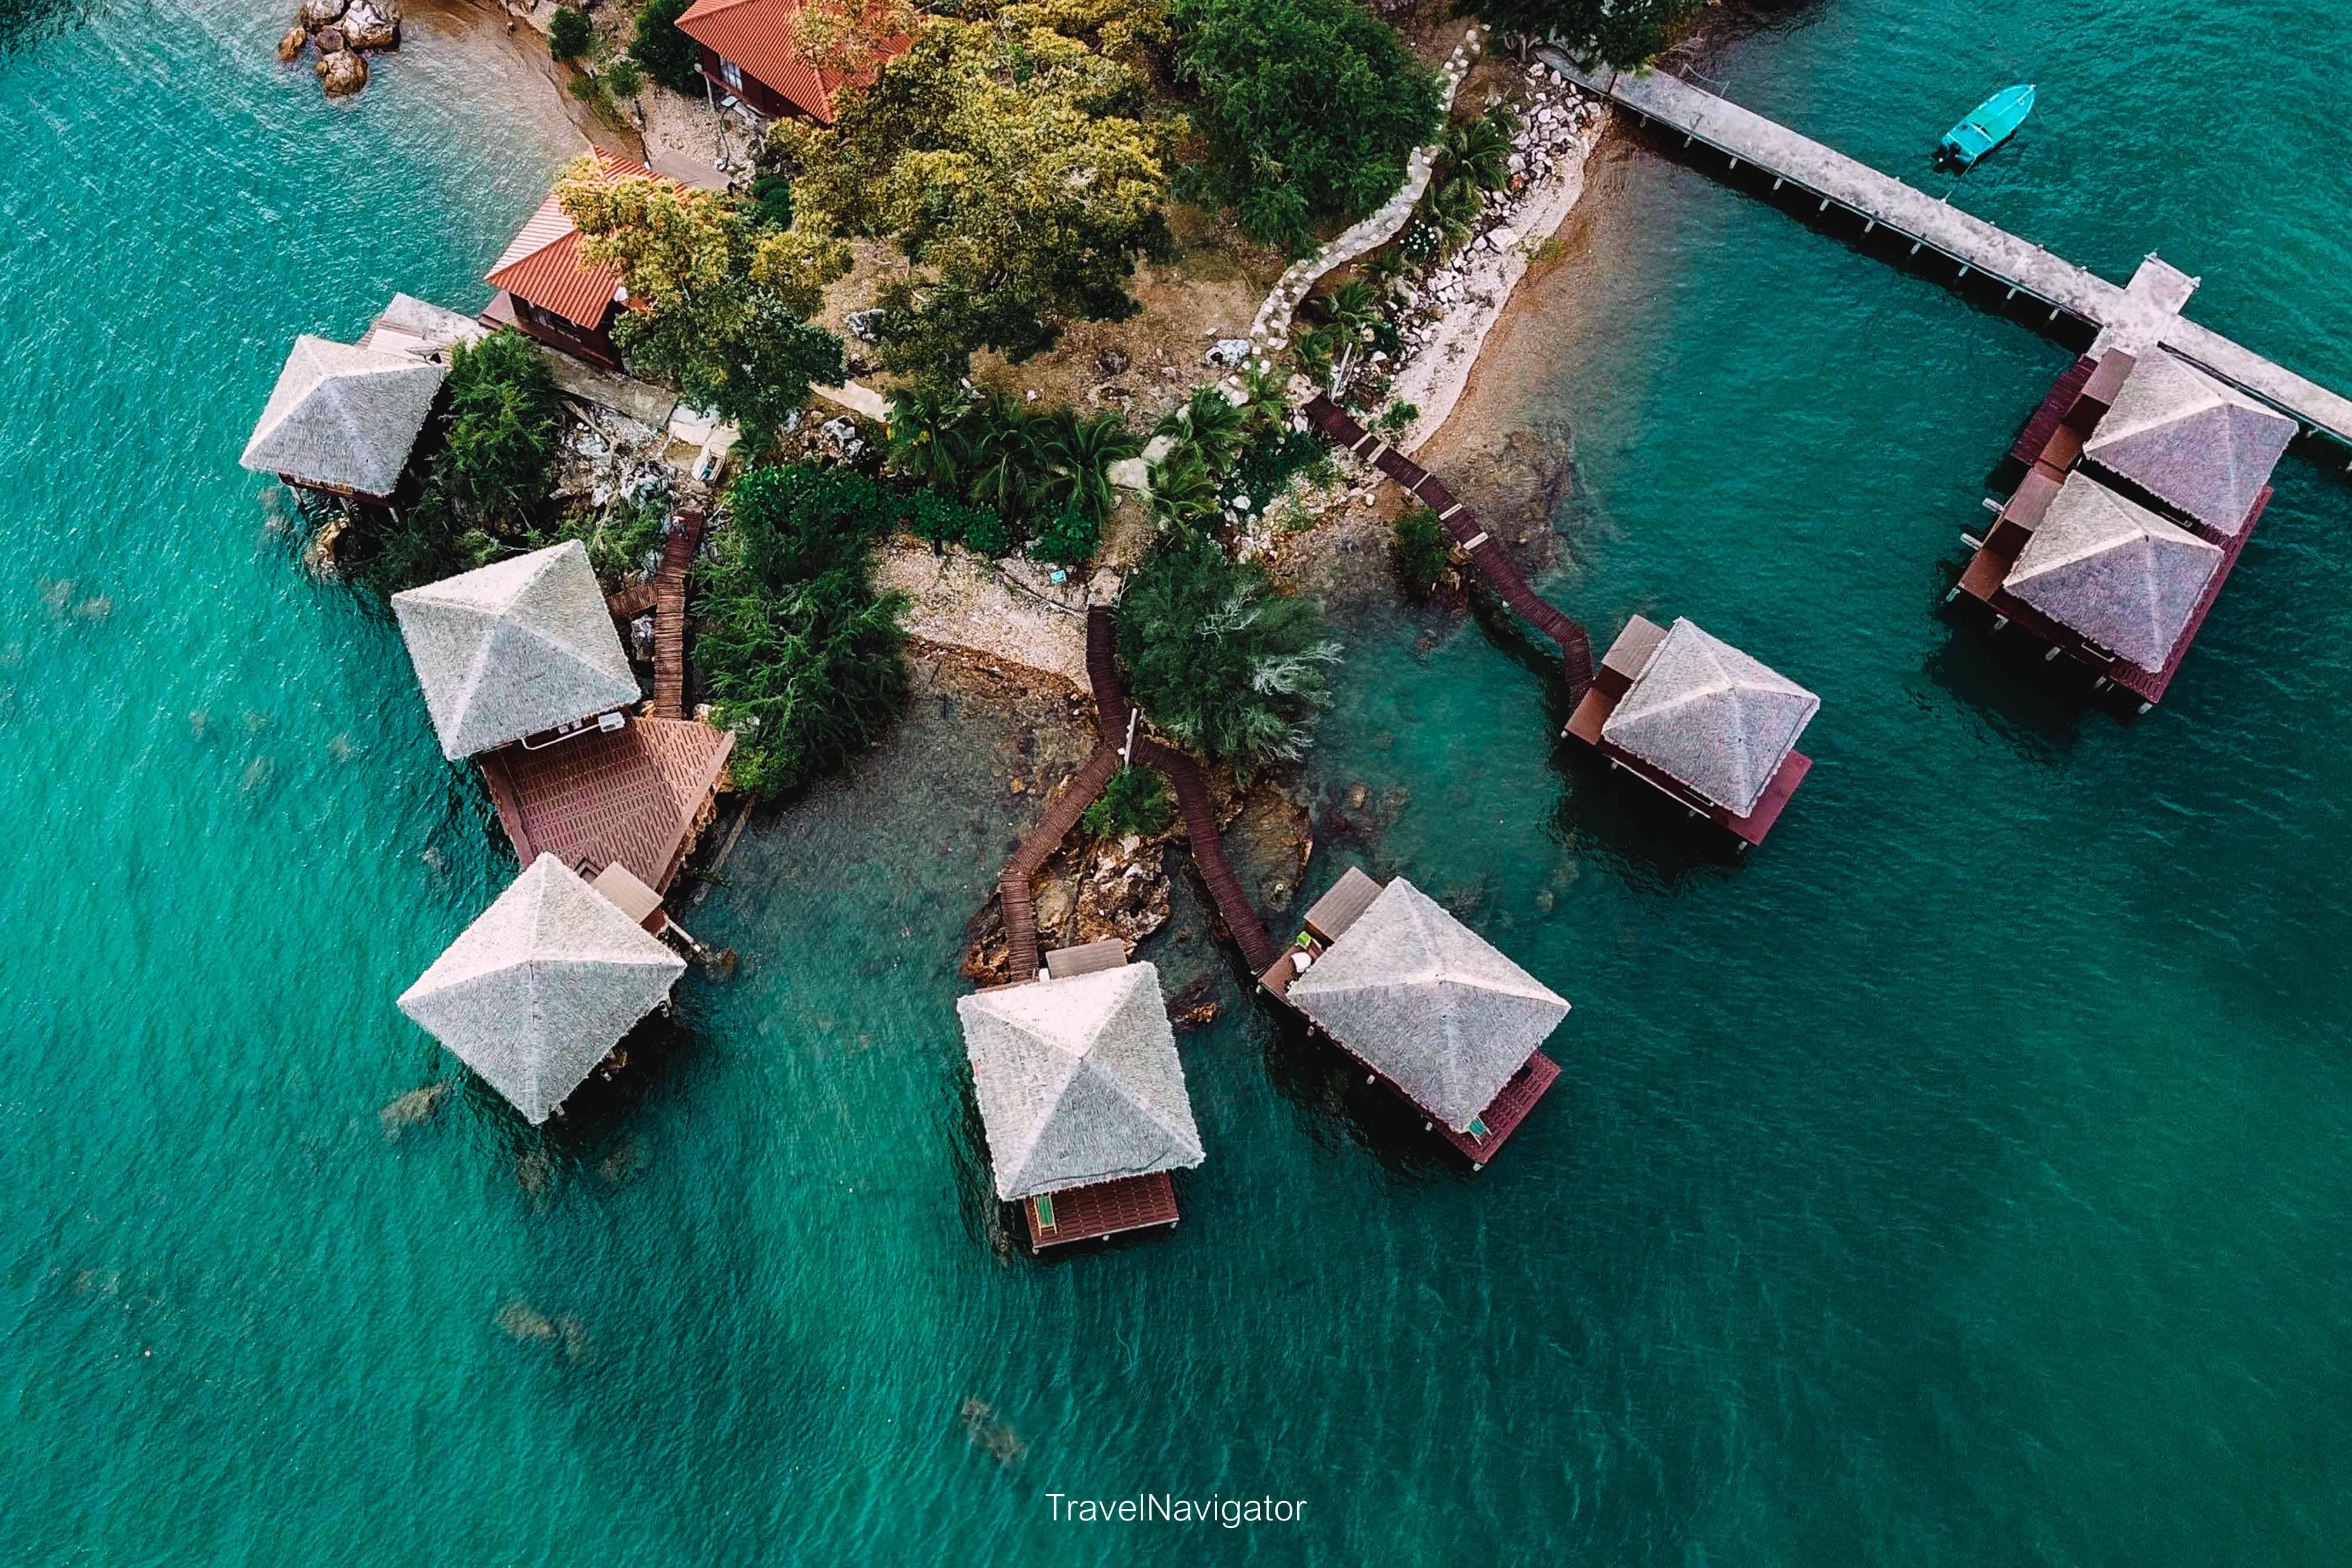 เกาะจิก จันทบุรี ที่พักกลางน้ำสุดชิล นครศรีดีย์